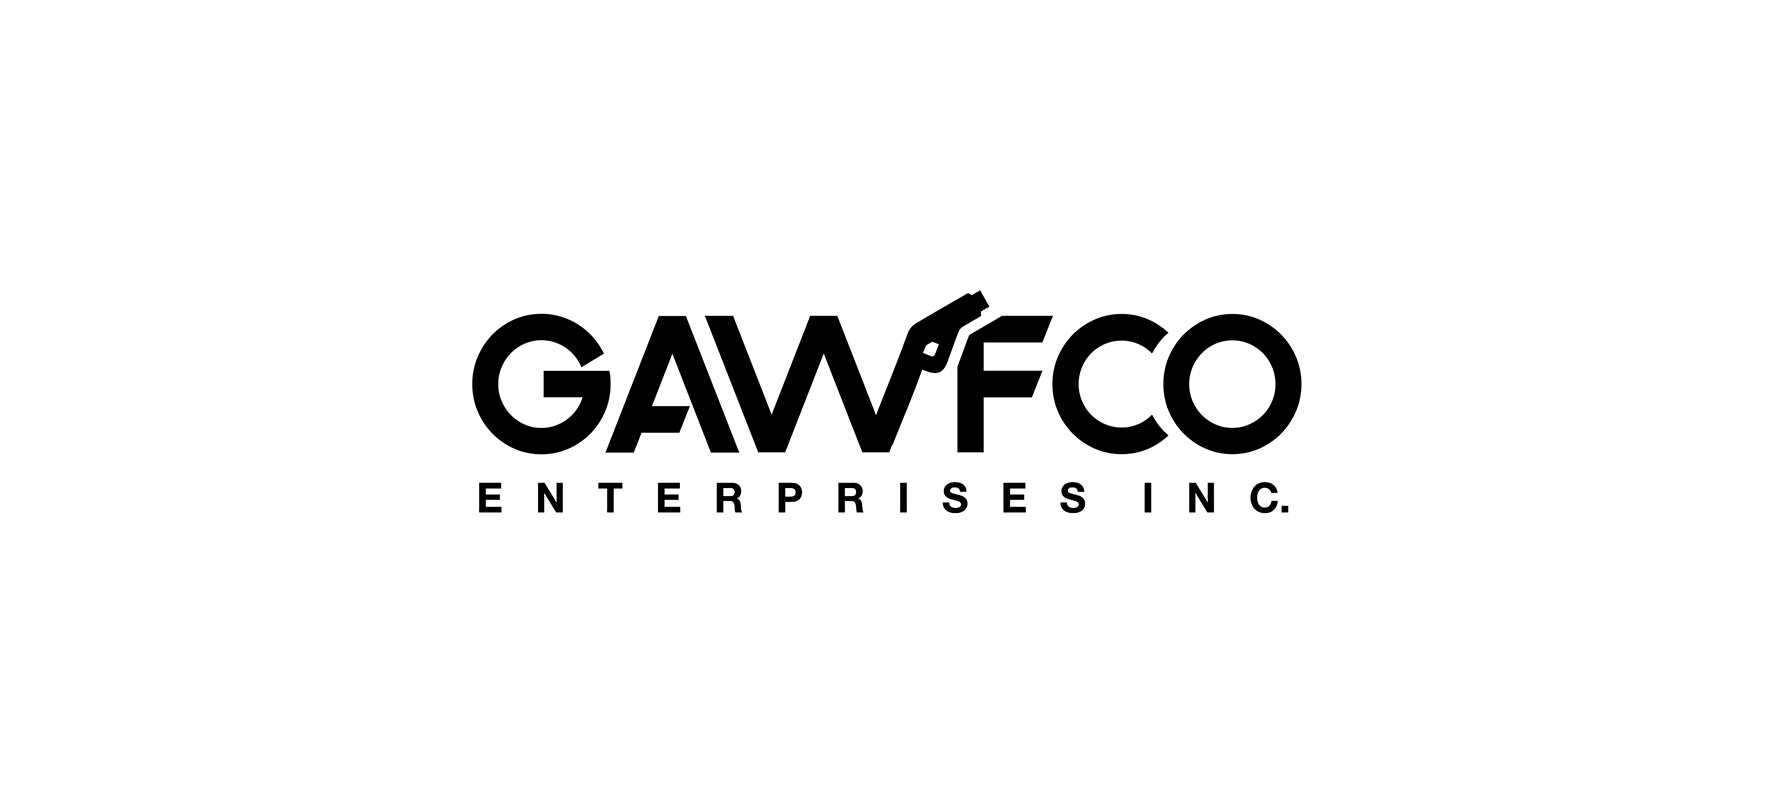 Gawfco Logo